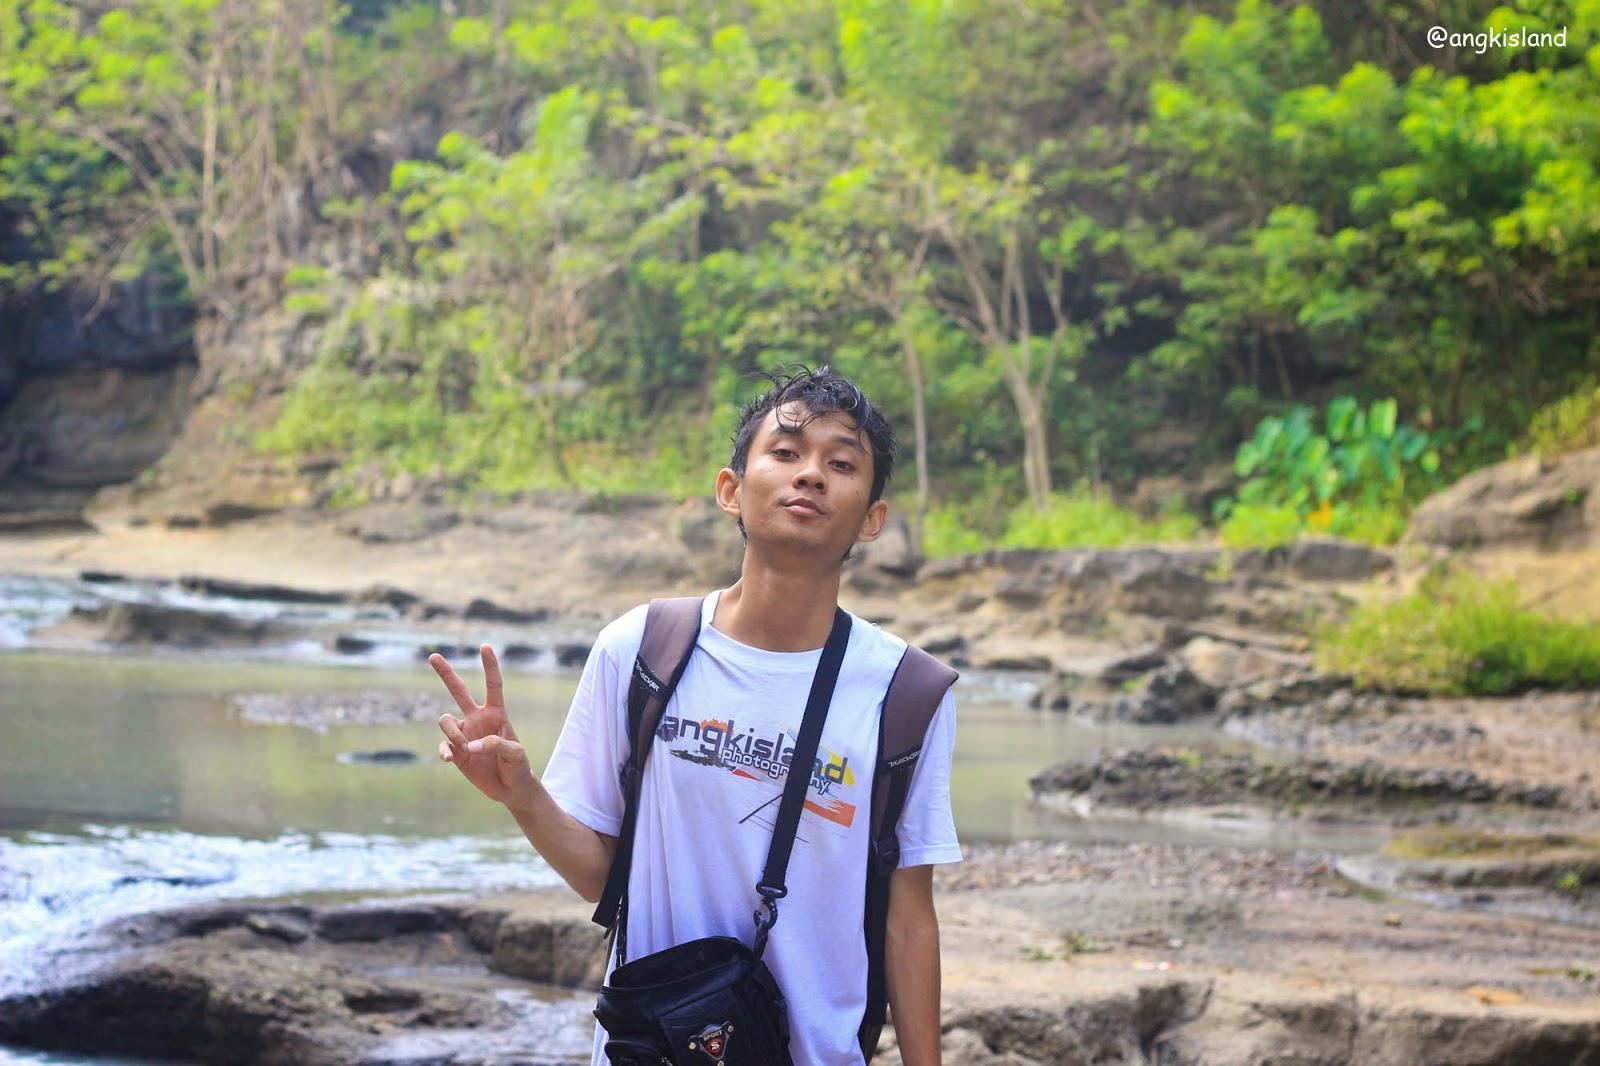 Awallun Indonesia